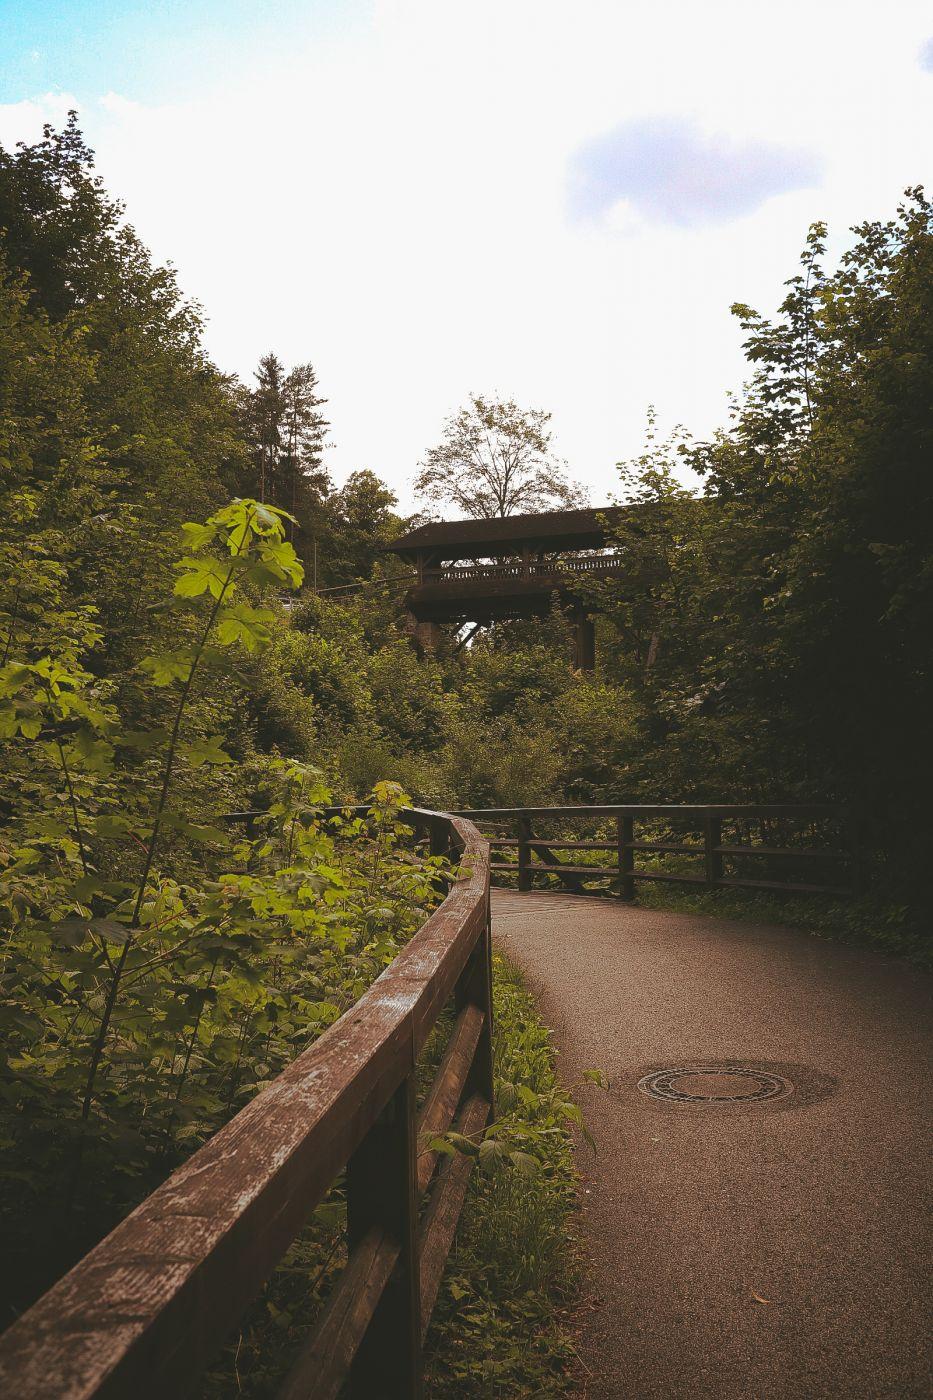 Pottenstein Holzbrücke, Germany